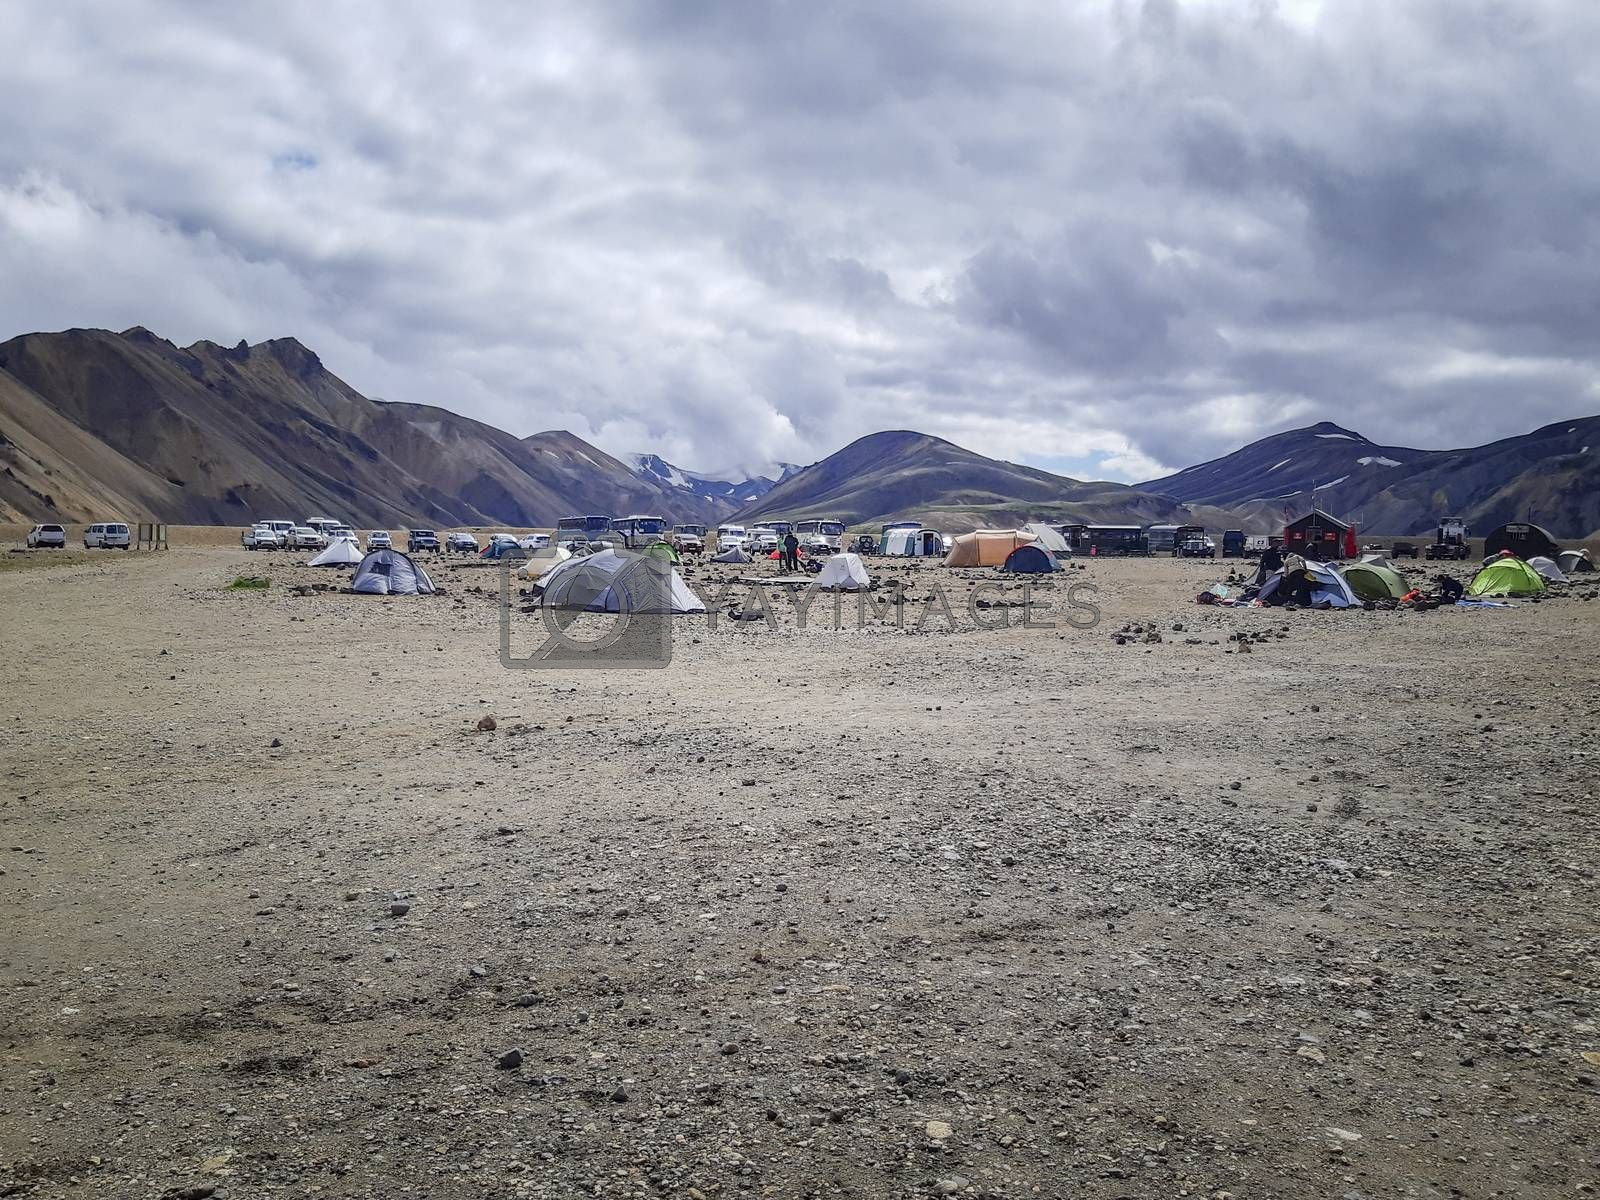 July 2019, Brennisteinsalda, Iceland: Camping Laugavegur hiking trail in Iceland